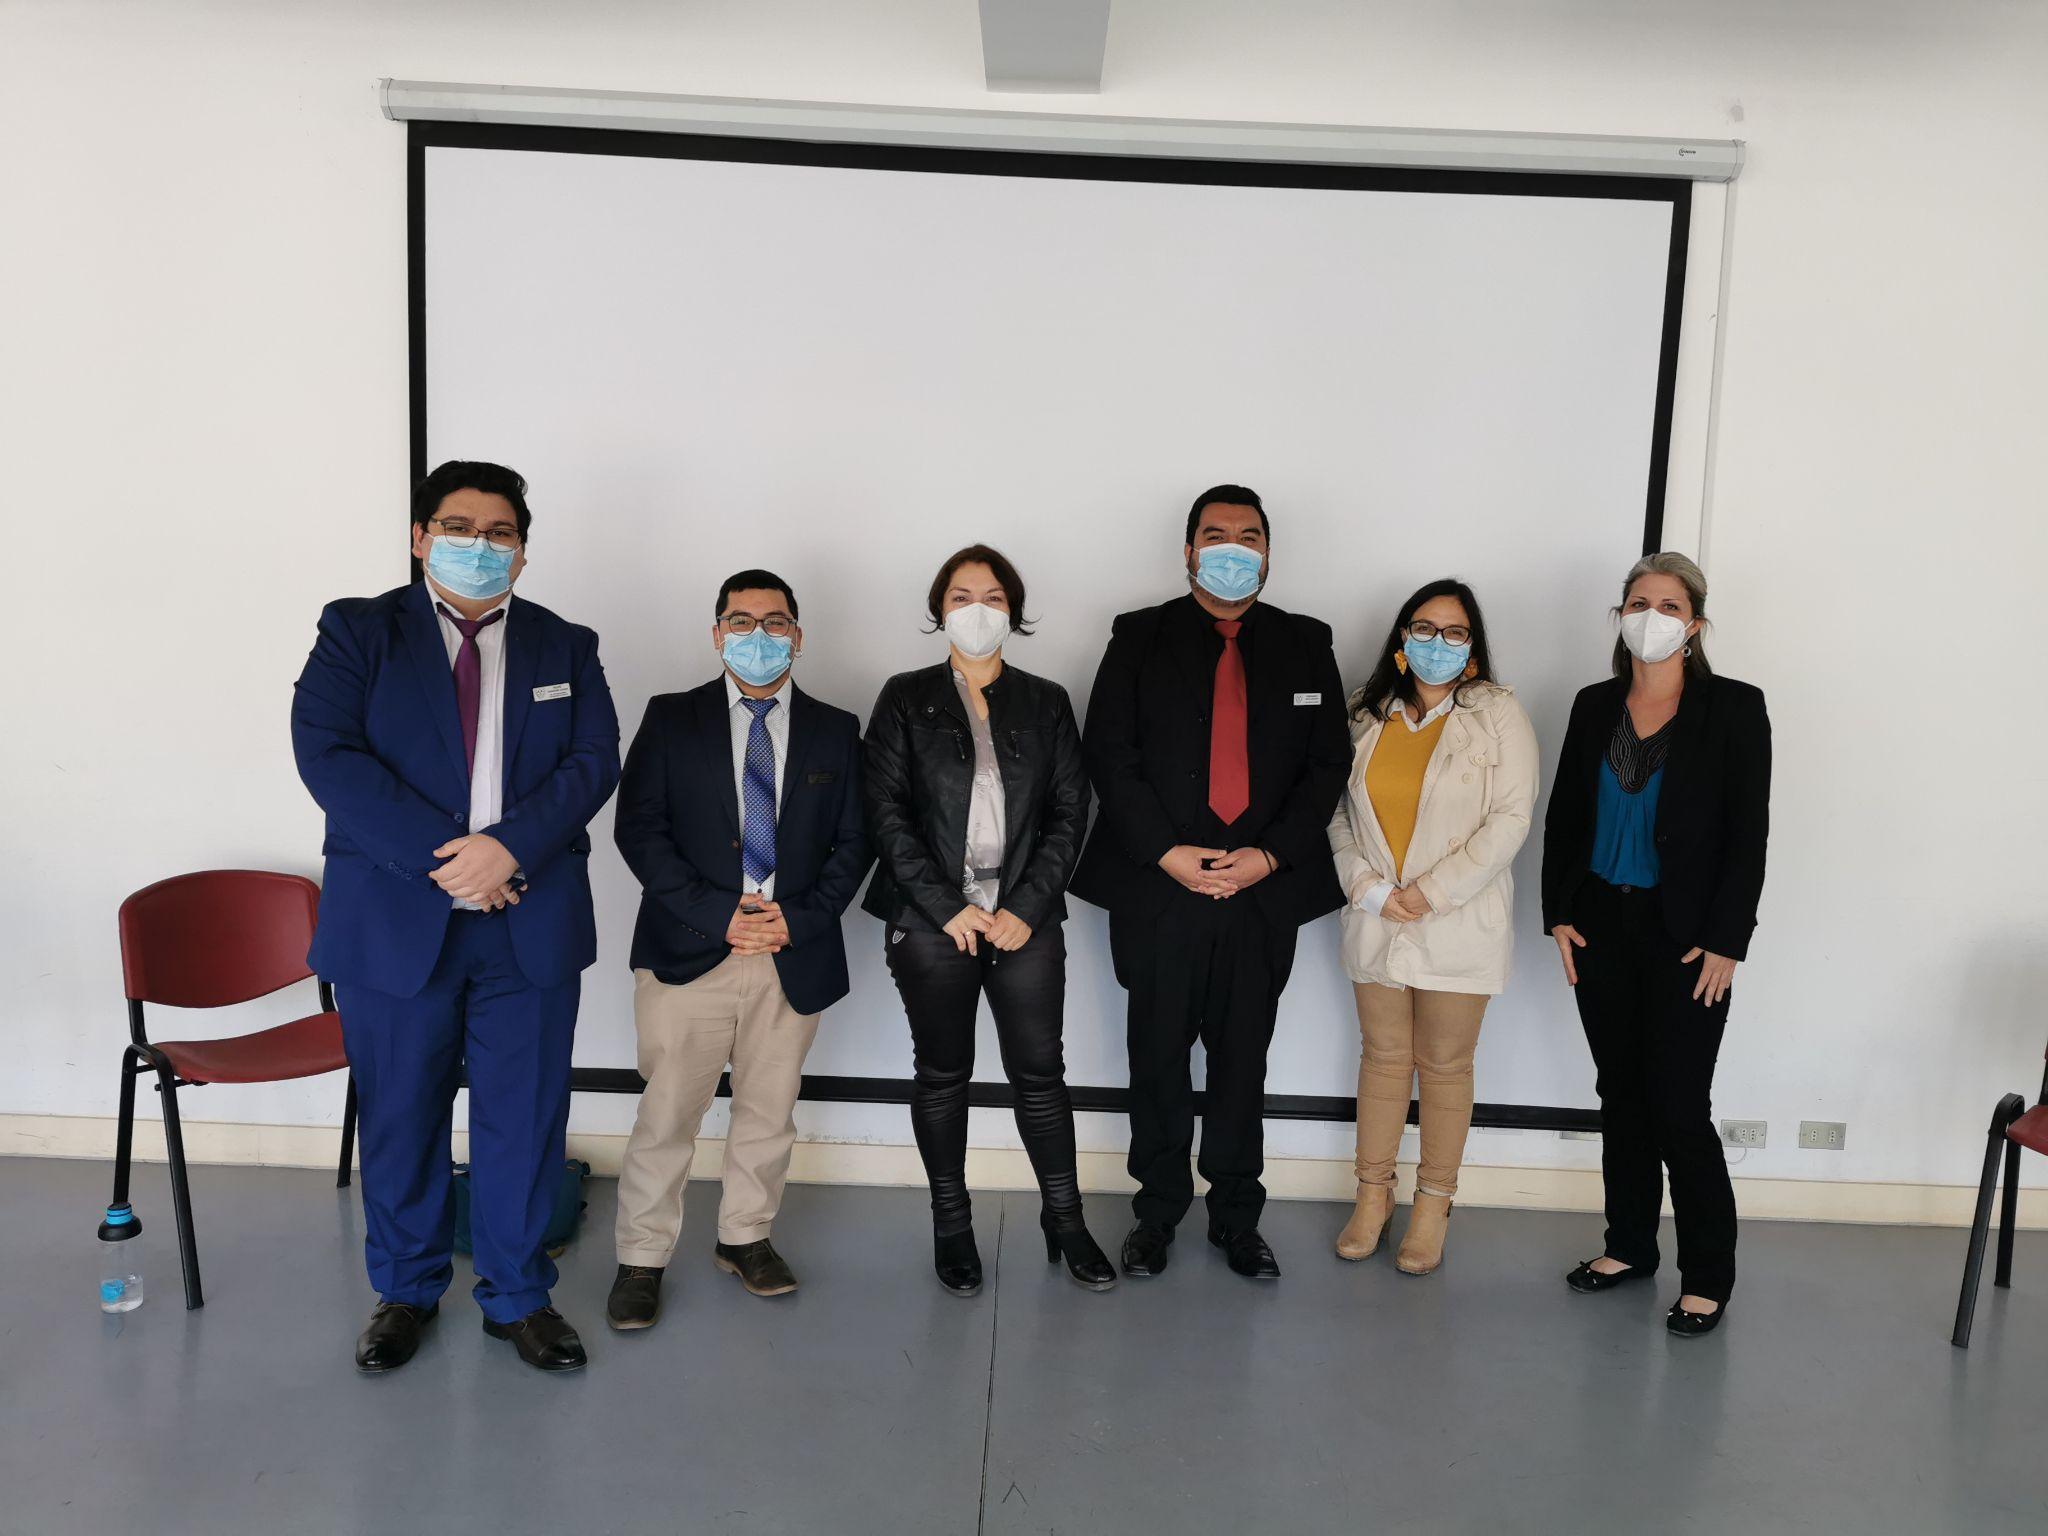 Primera promoción del programa del plan semestral de la Carrera de Licenciatura en Educación y Pedagogía en Inglés del Departamento de Idiomas